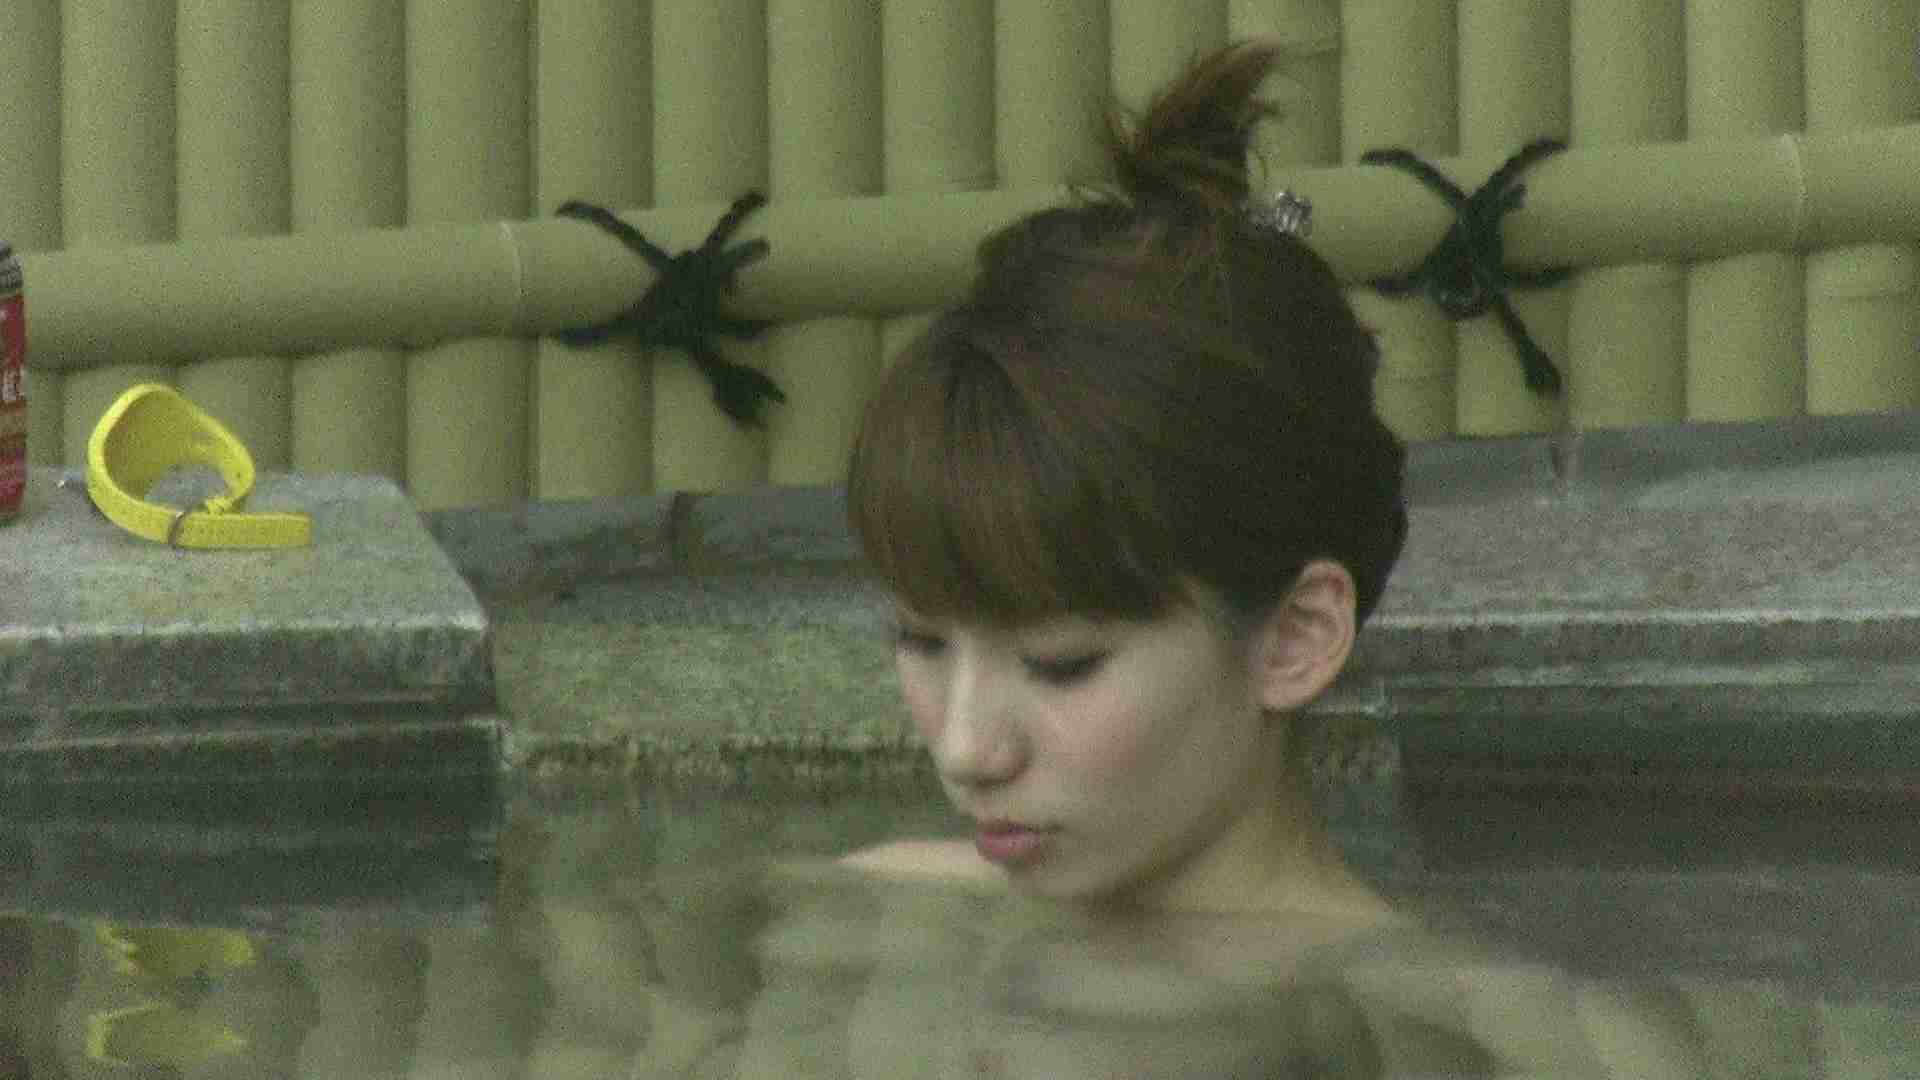 Aquaな露天風呂Vol.208 露天風呂 | 盗撮  54連発 19